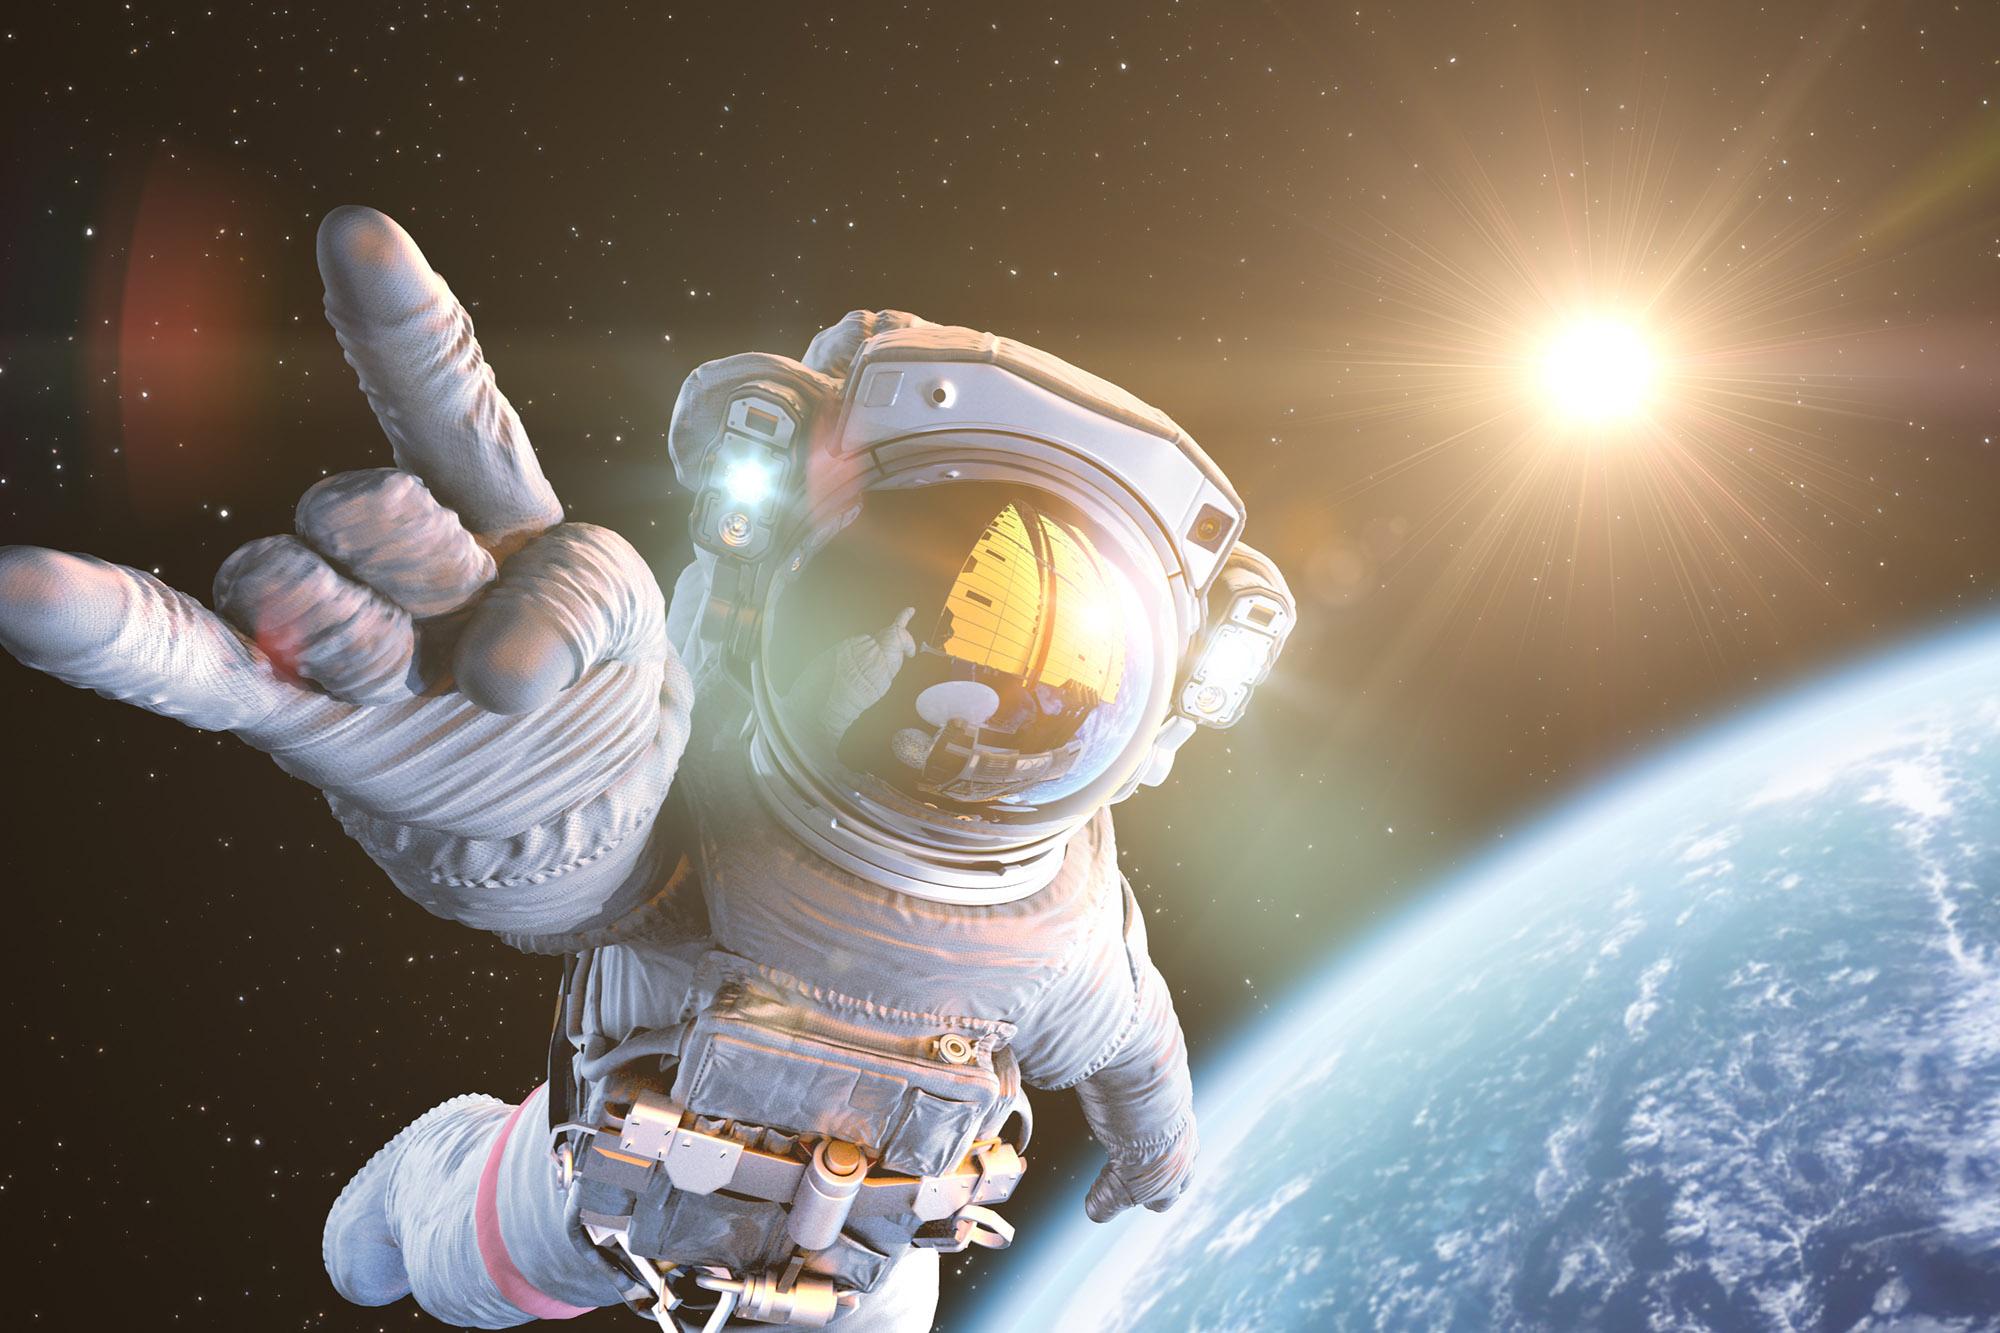 太空任务越来越漫长,太空性生活有可能实现吗?